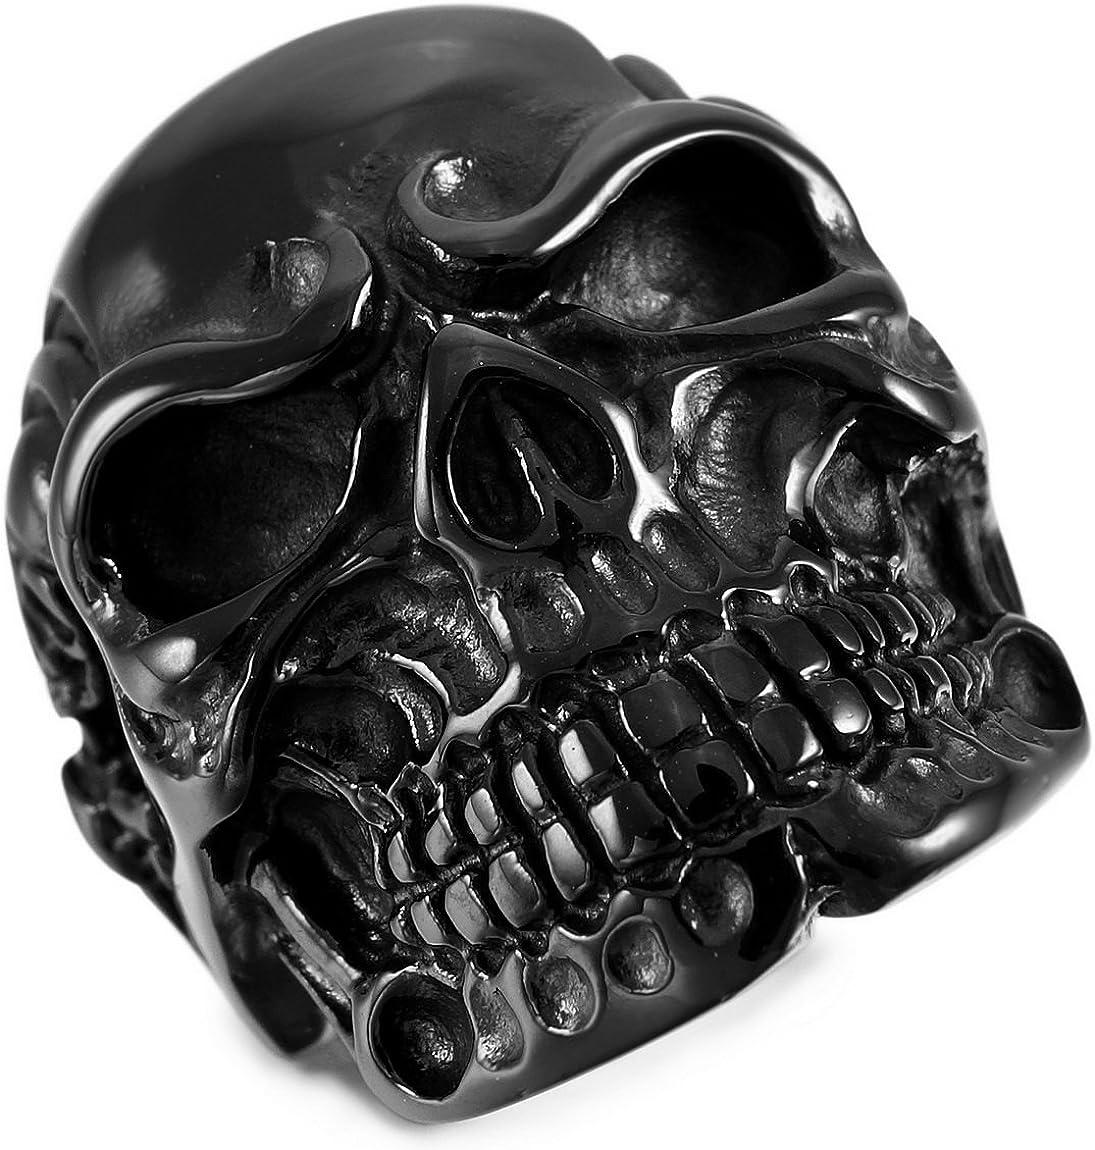 INBLUE Men's Stainless Steel Ring Silver Tone Black Skull Bone